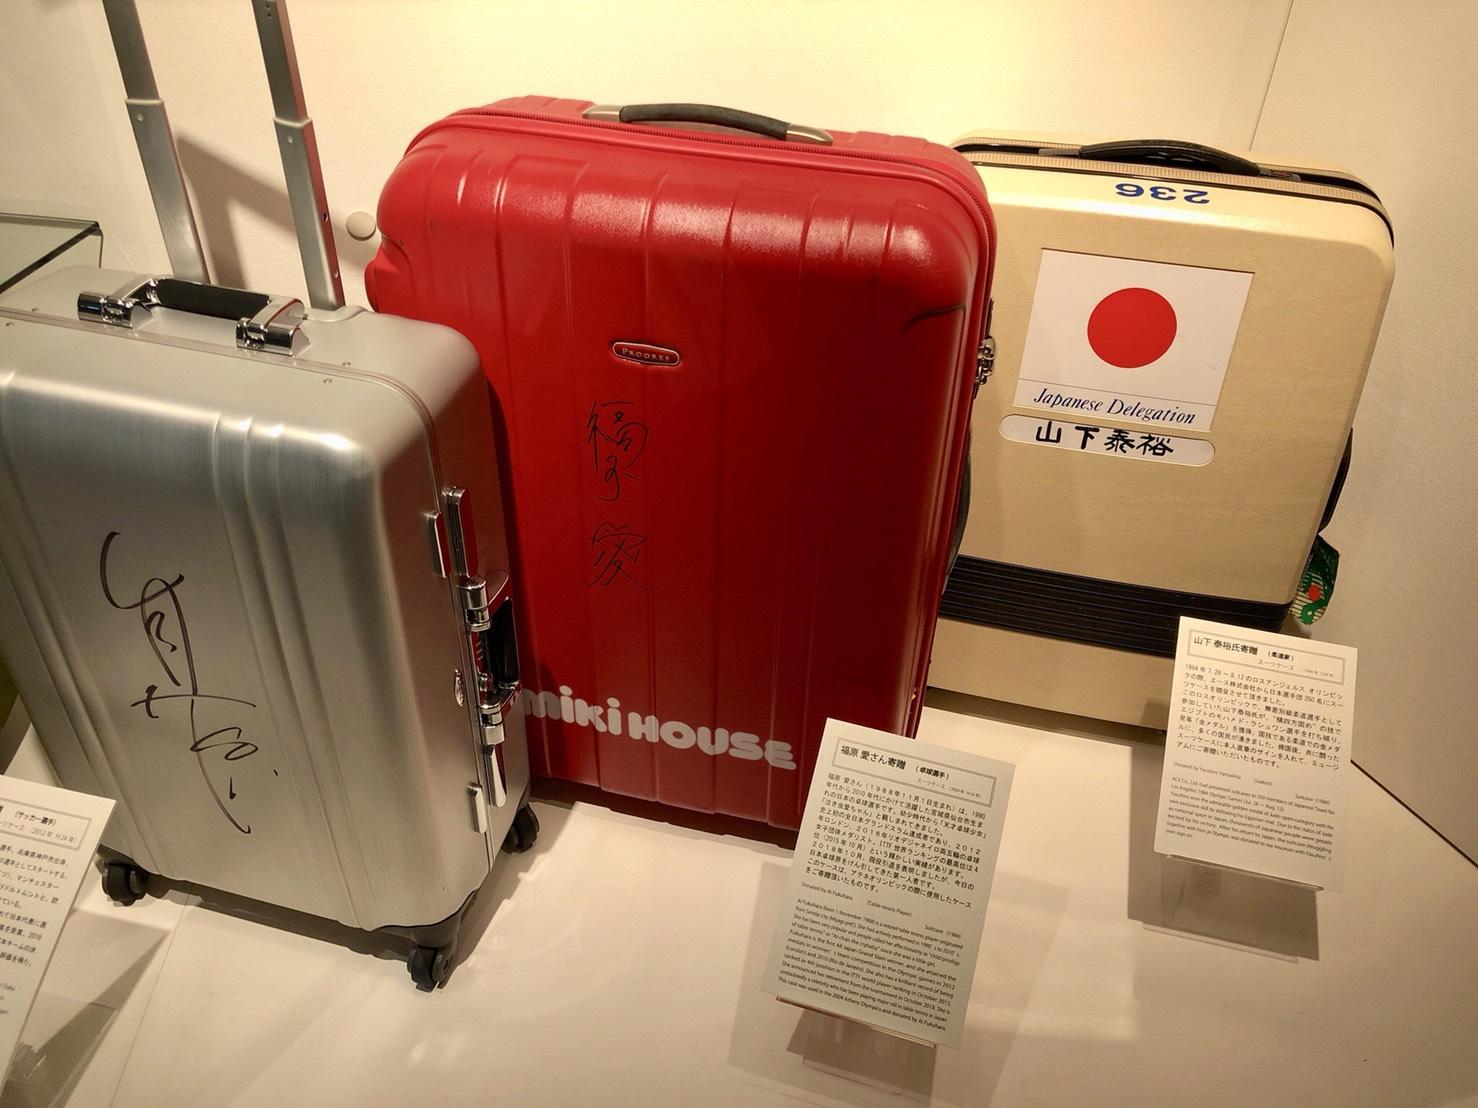 オリンピック選手が愛用したスーツケース